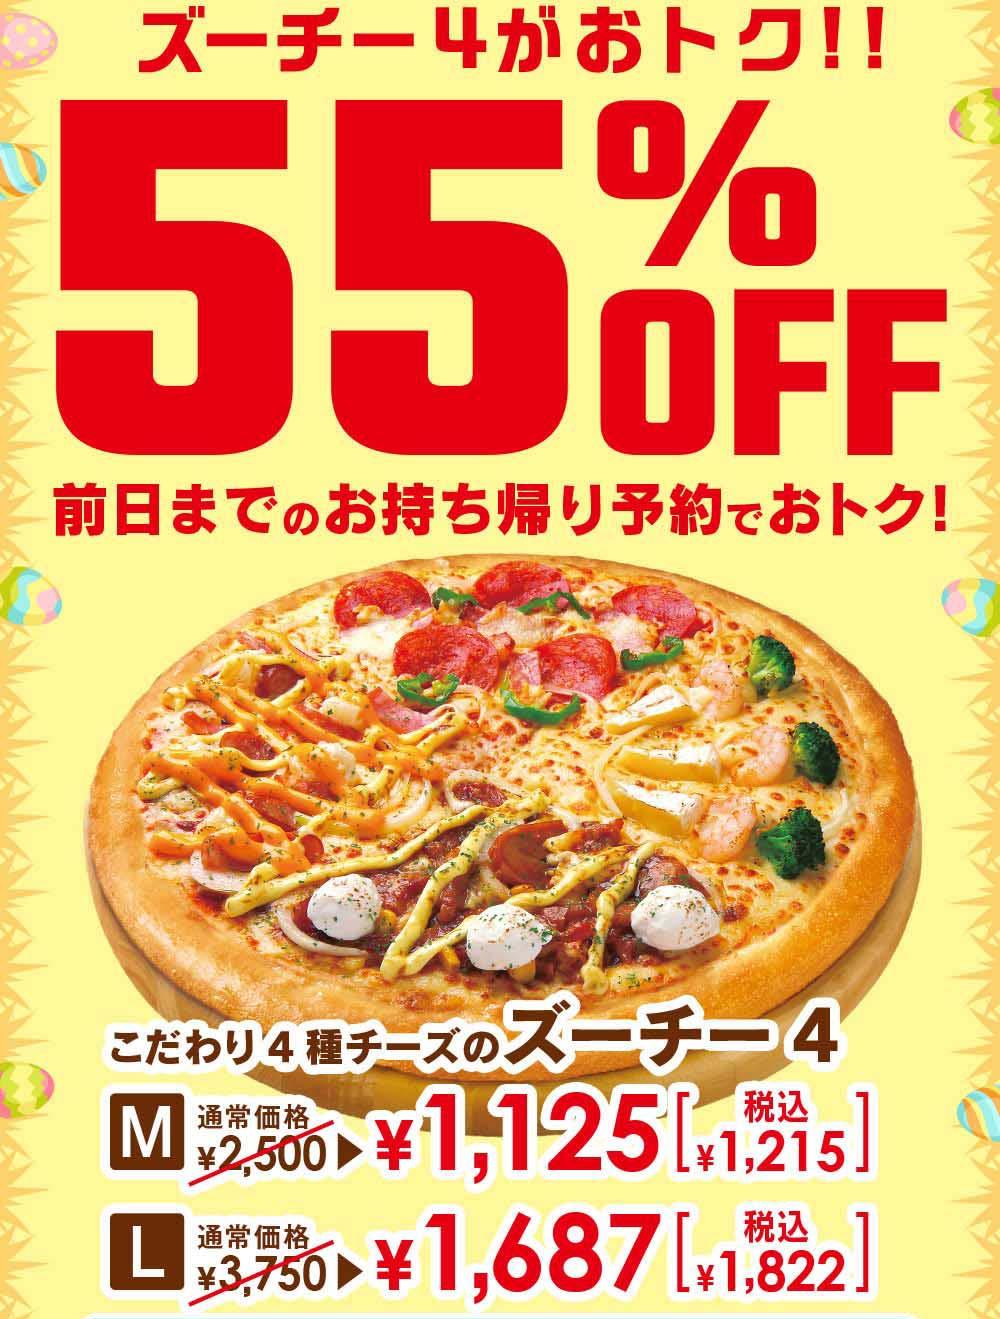 ピザハットでこだわり4種類チーズのズーチー4が55%となるクーポンを配信中。4/20~4/21。